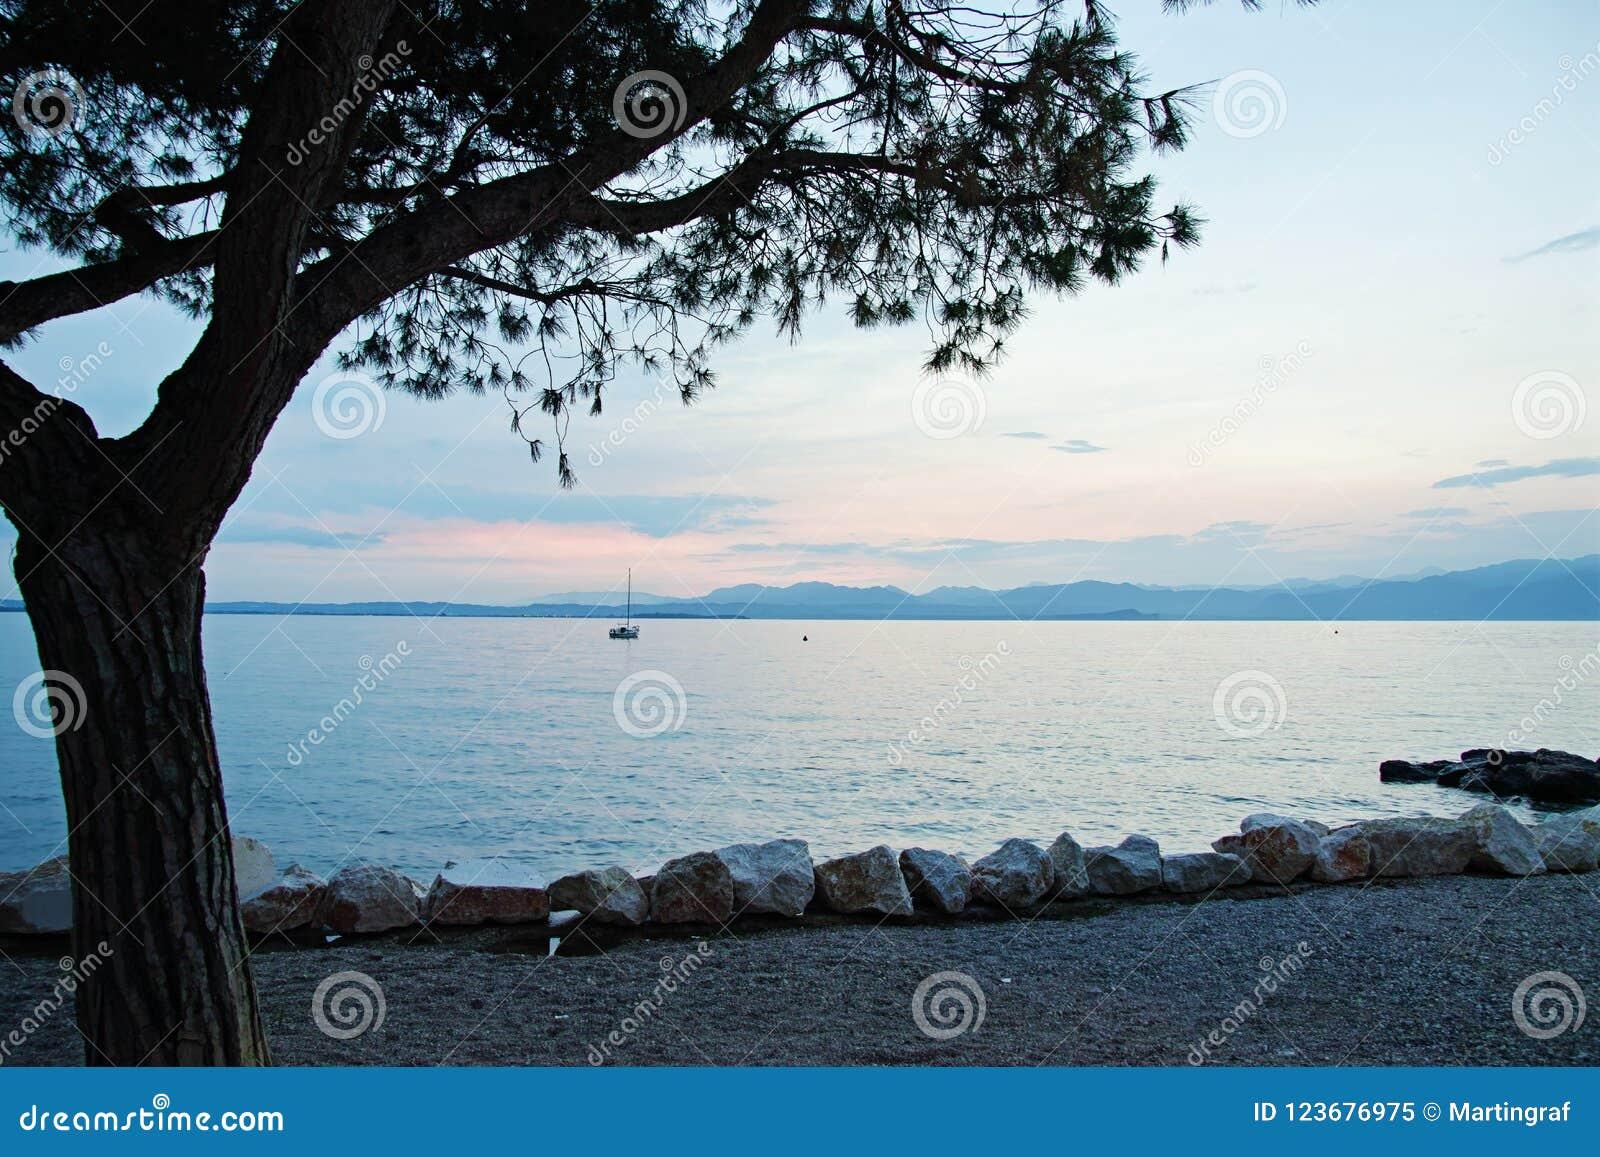 Seepromenaden-Sommerferienlandschaft an der blauen Stunde